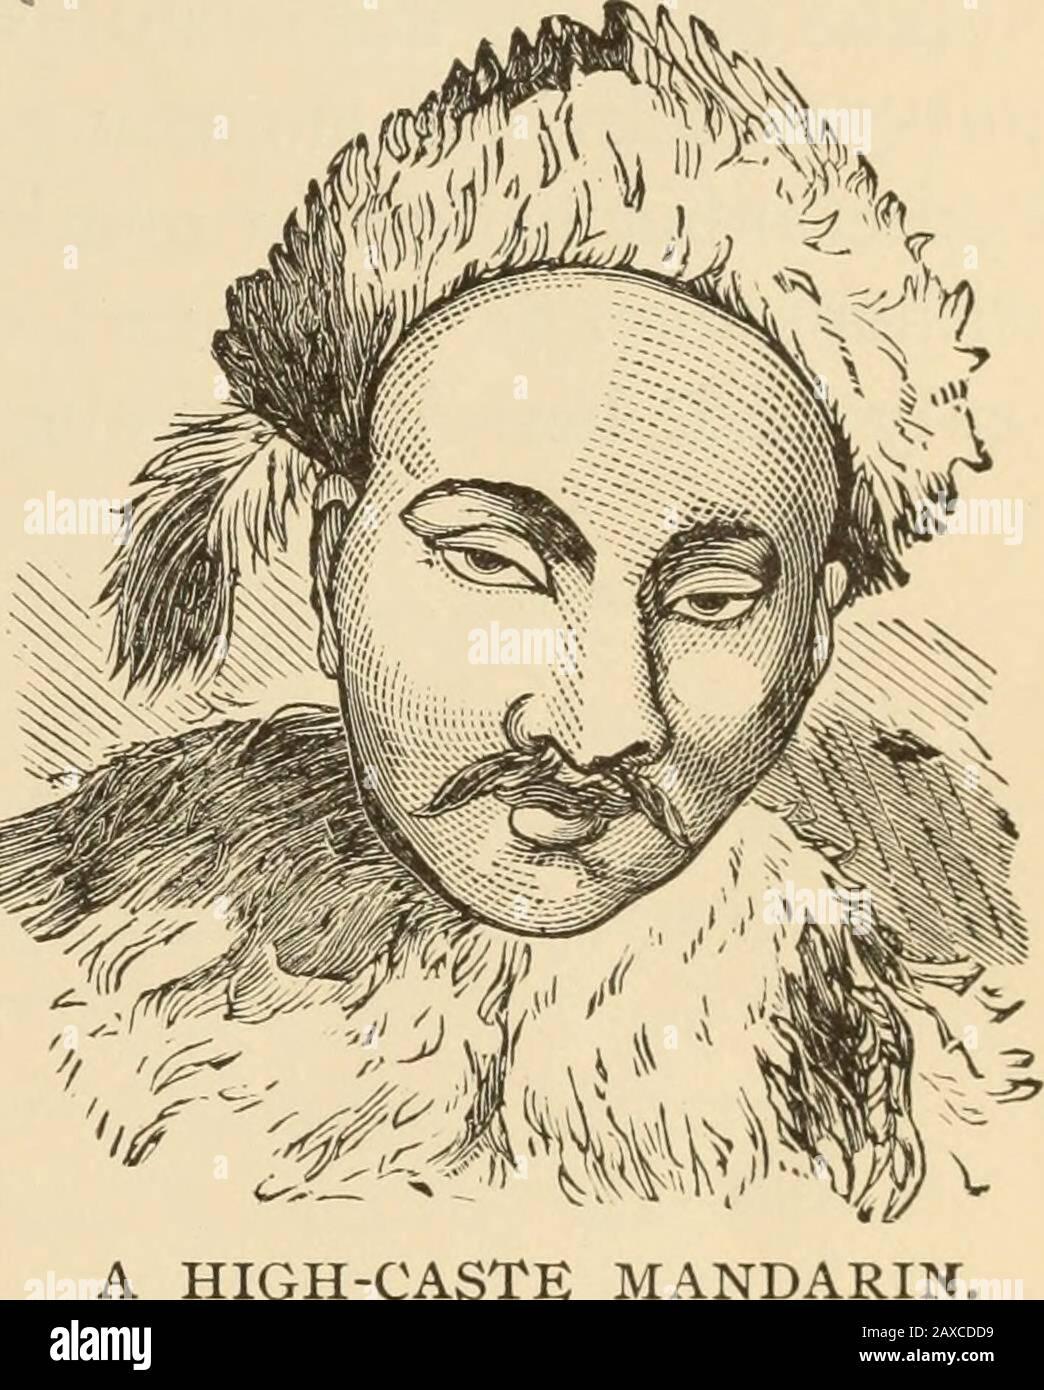 Massaker an den Christen durch heidnische Chinesen und Schrecken der Boxer; enthält eine vollständige Geschichte der Boxer; den Tai-Ping-Aufstand und die Massaker an den Außenministern; Sitten, Bräuche und Besonderheiten der Chinesen .. . einige Preisverordnete, dass Kopien der Yu-Li verbrannt werden sollten. Lügner haben einen sehr unangenehmen Teil in dieser Welt sowie anderen. Es gibt ein gewisses Templiwhere, in dem sich ein Idol der Funktion auffälliger Lügner Toter widmet. Ein junger Priester, als er askedif war, hatte jemals gesehen, wie Lügner tot geschlagen wurden, antwortete: Ja, zwei. Hisquestioner antwortete: Mein junger Freund, nehmen Sie c Stockfoto